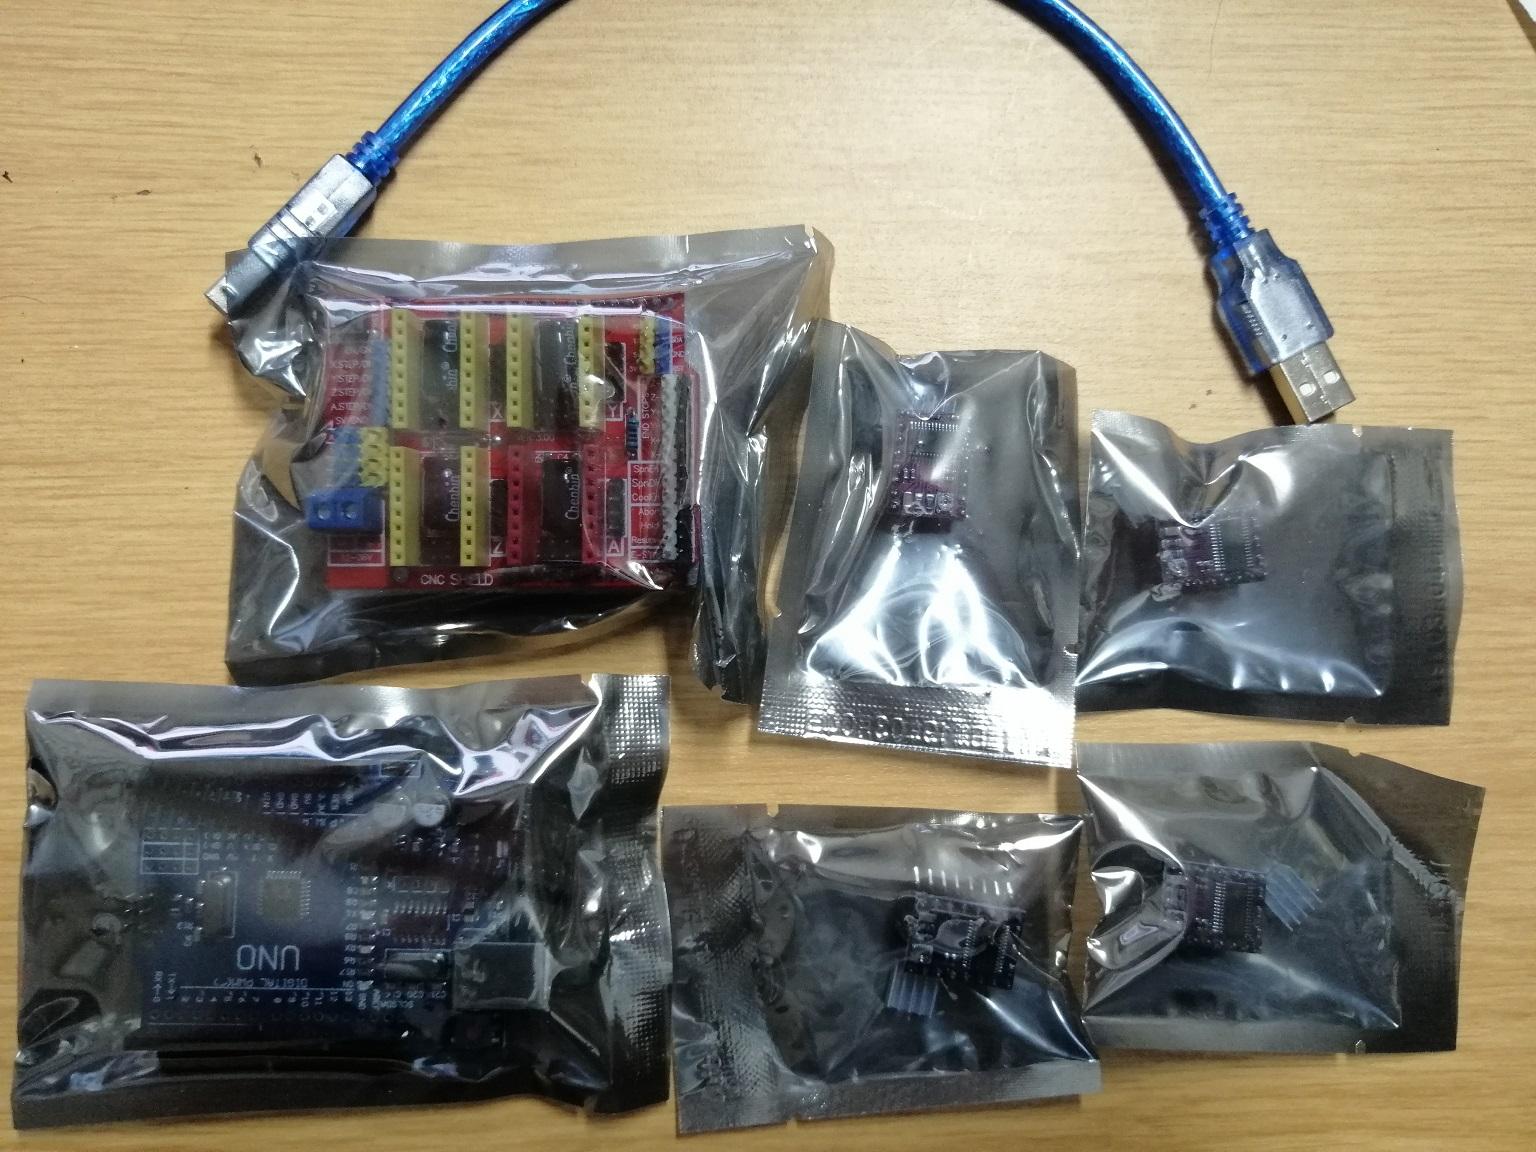 Arduino - UNO / NANO / CNC SHIELD